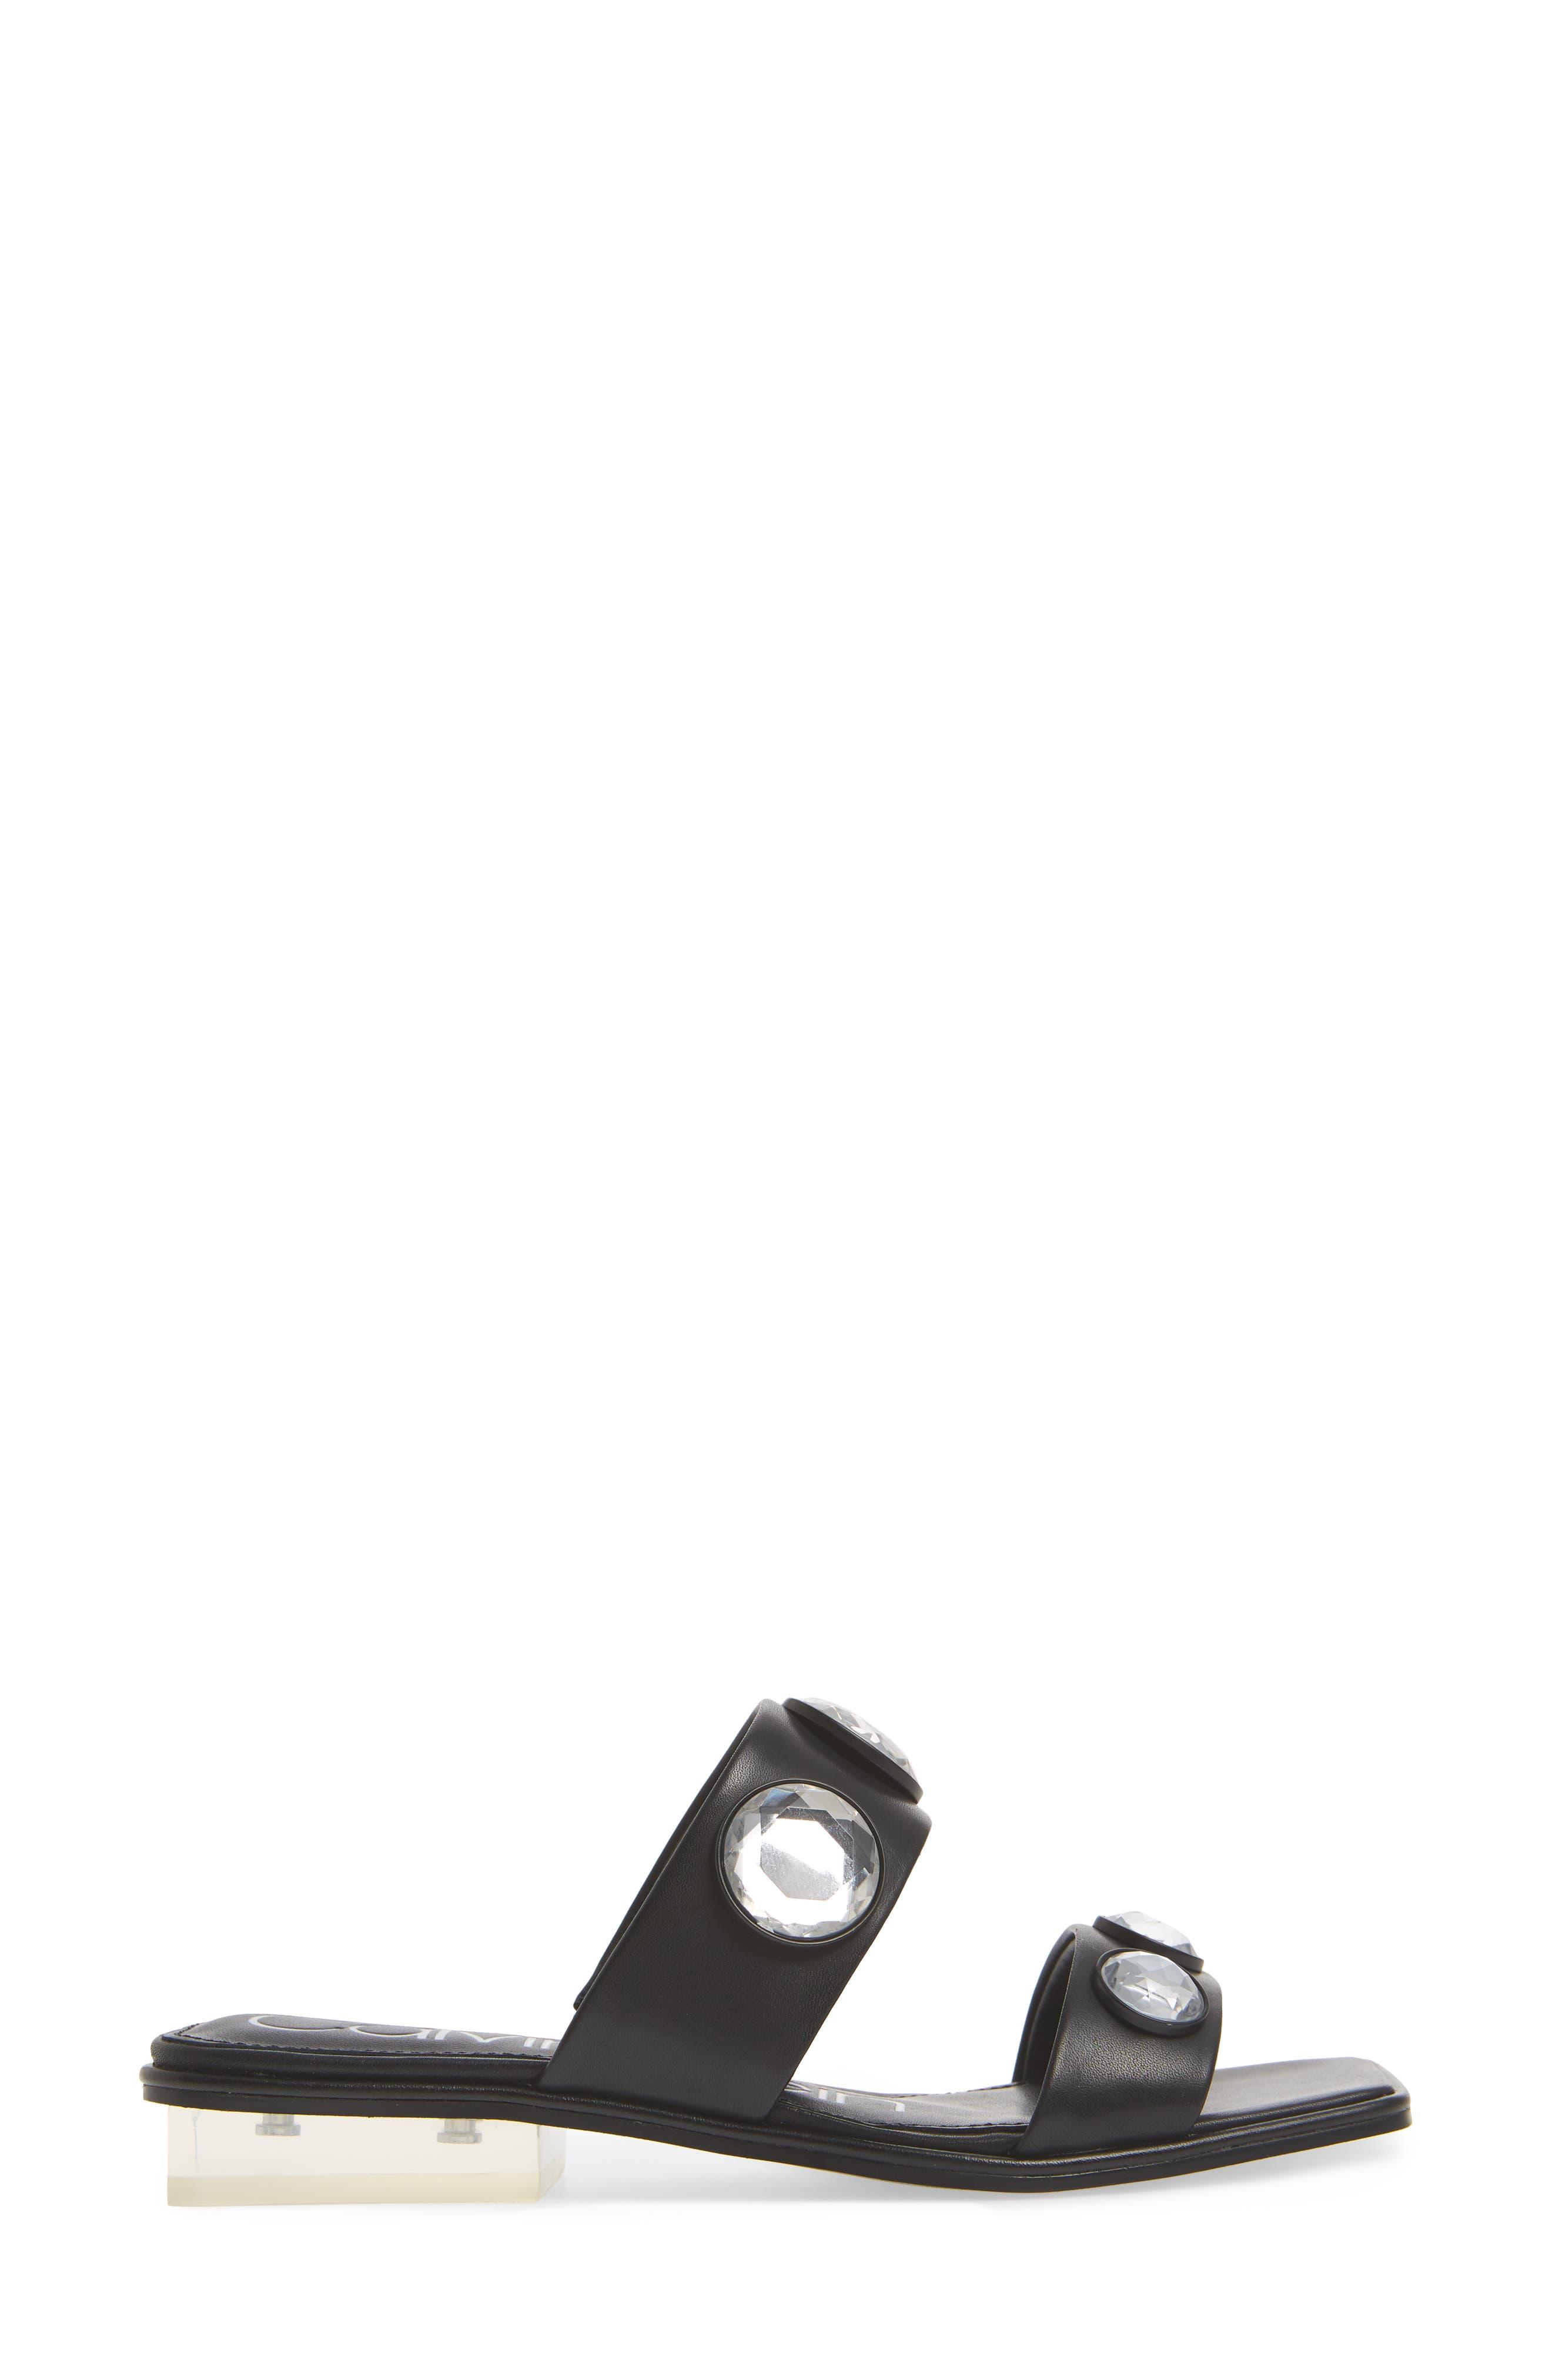 Kace Crystal Embellished Slide Sandal,                             Alternate thumbnail 3, color,                             001